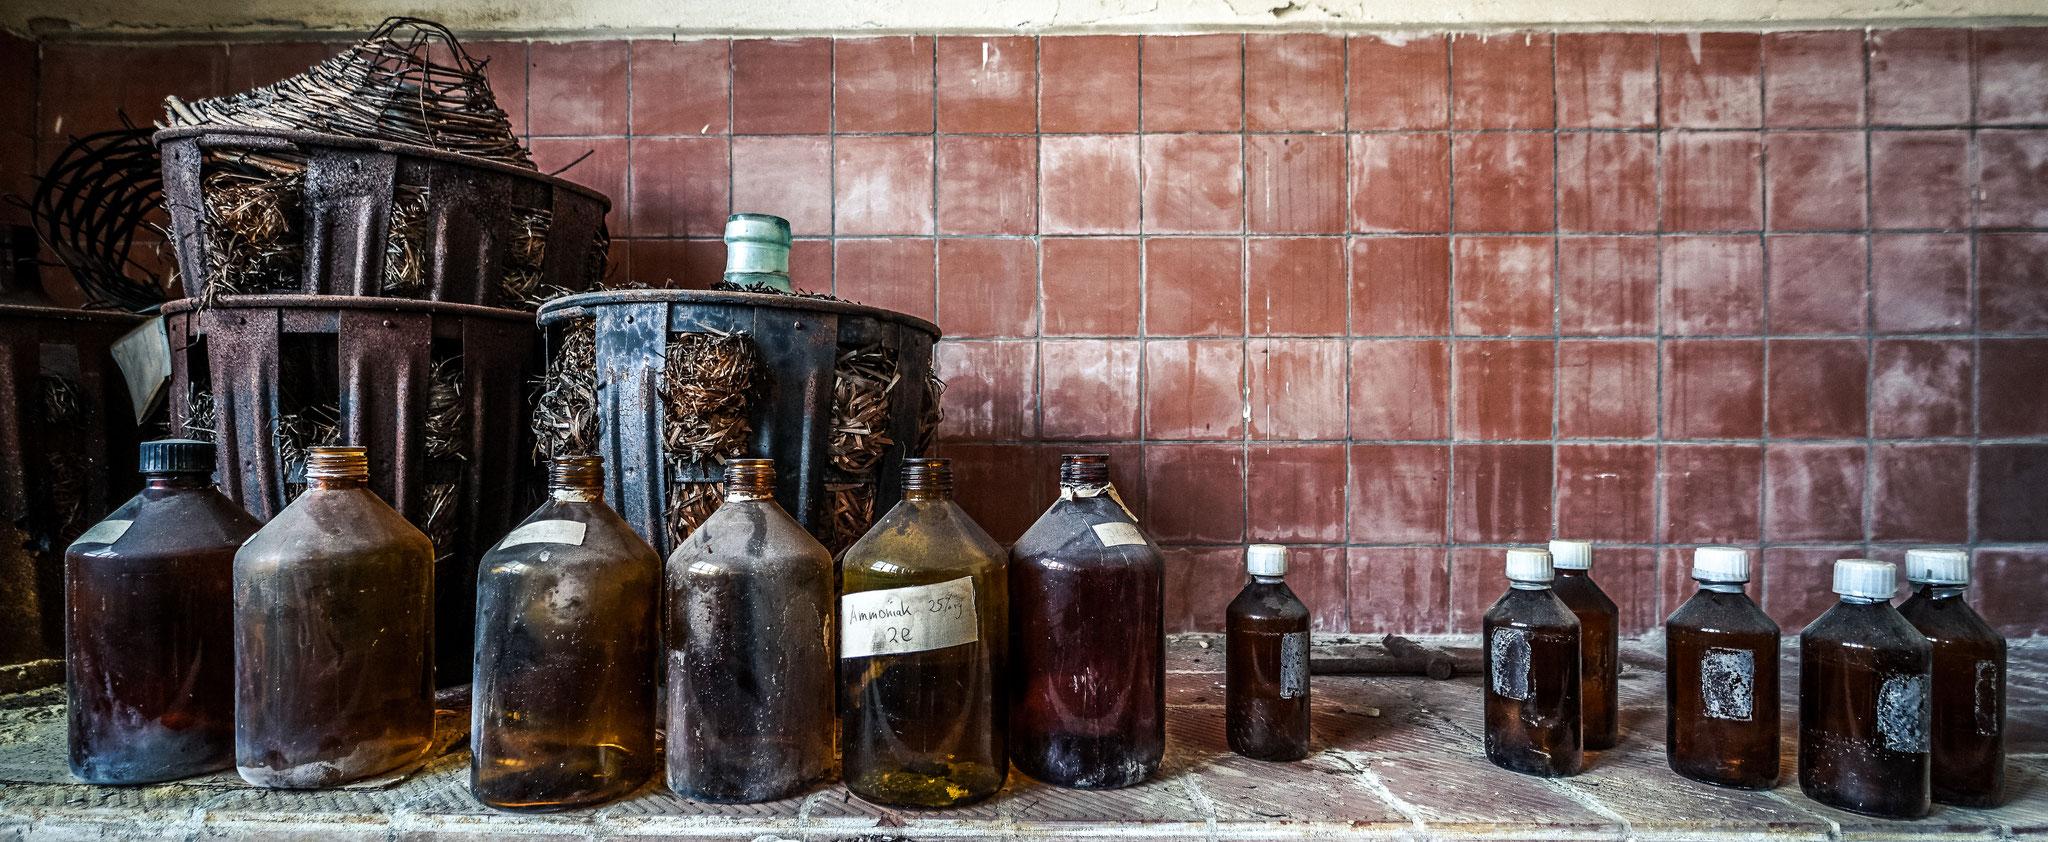 Die leeren Flaschen in dem alten Labor